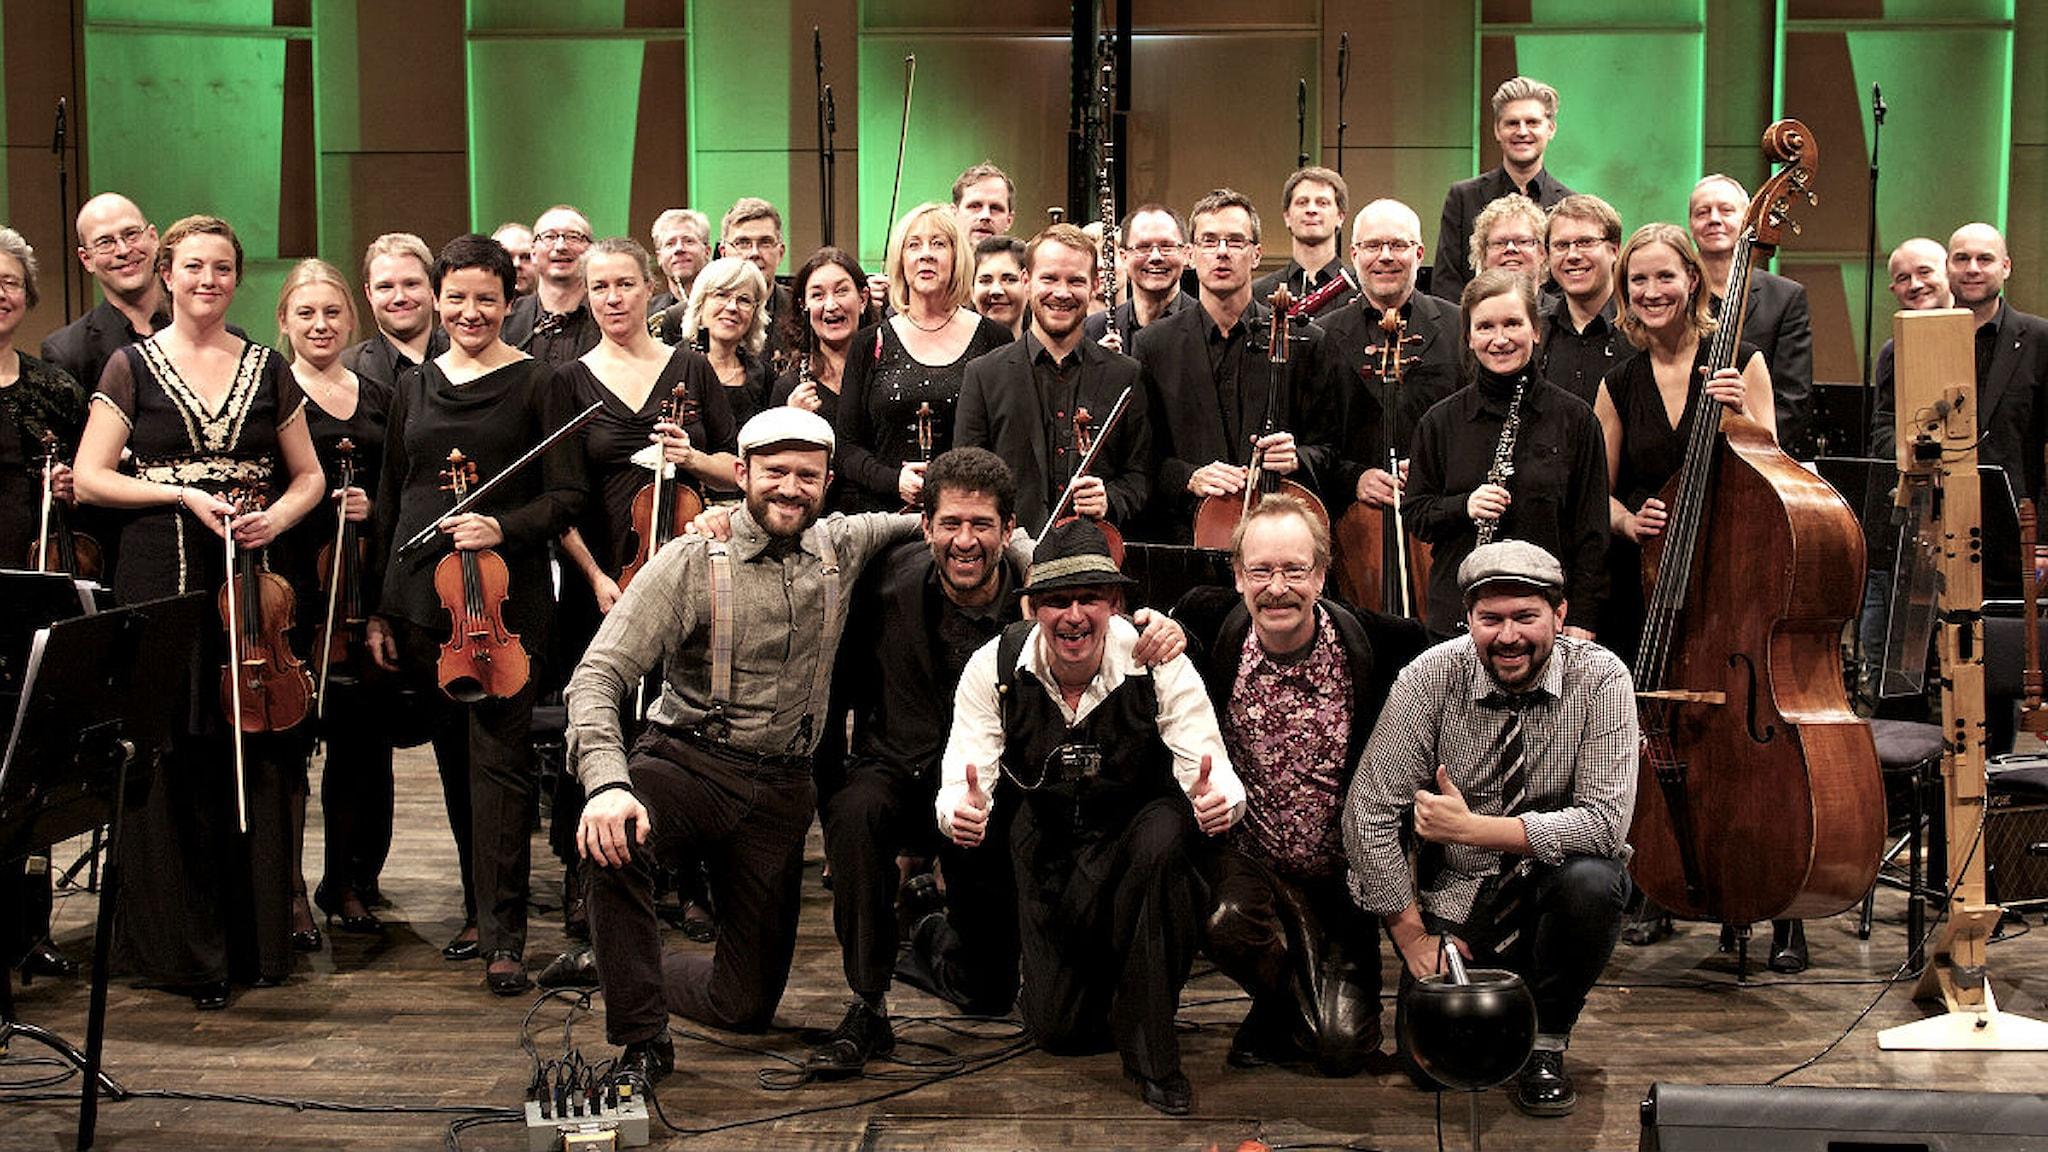 Göran Månsson band och Nordiska kammarorkestern. Foto: Petter Berndalen